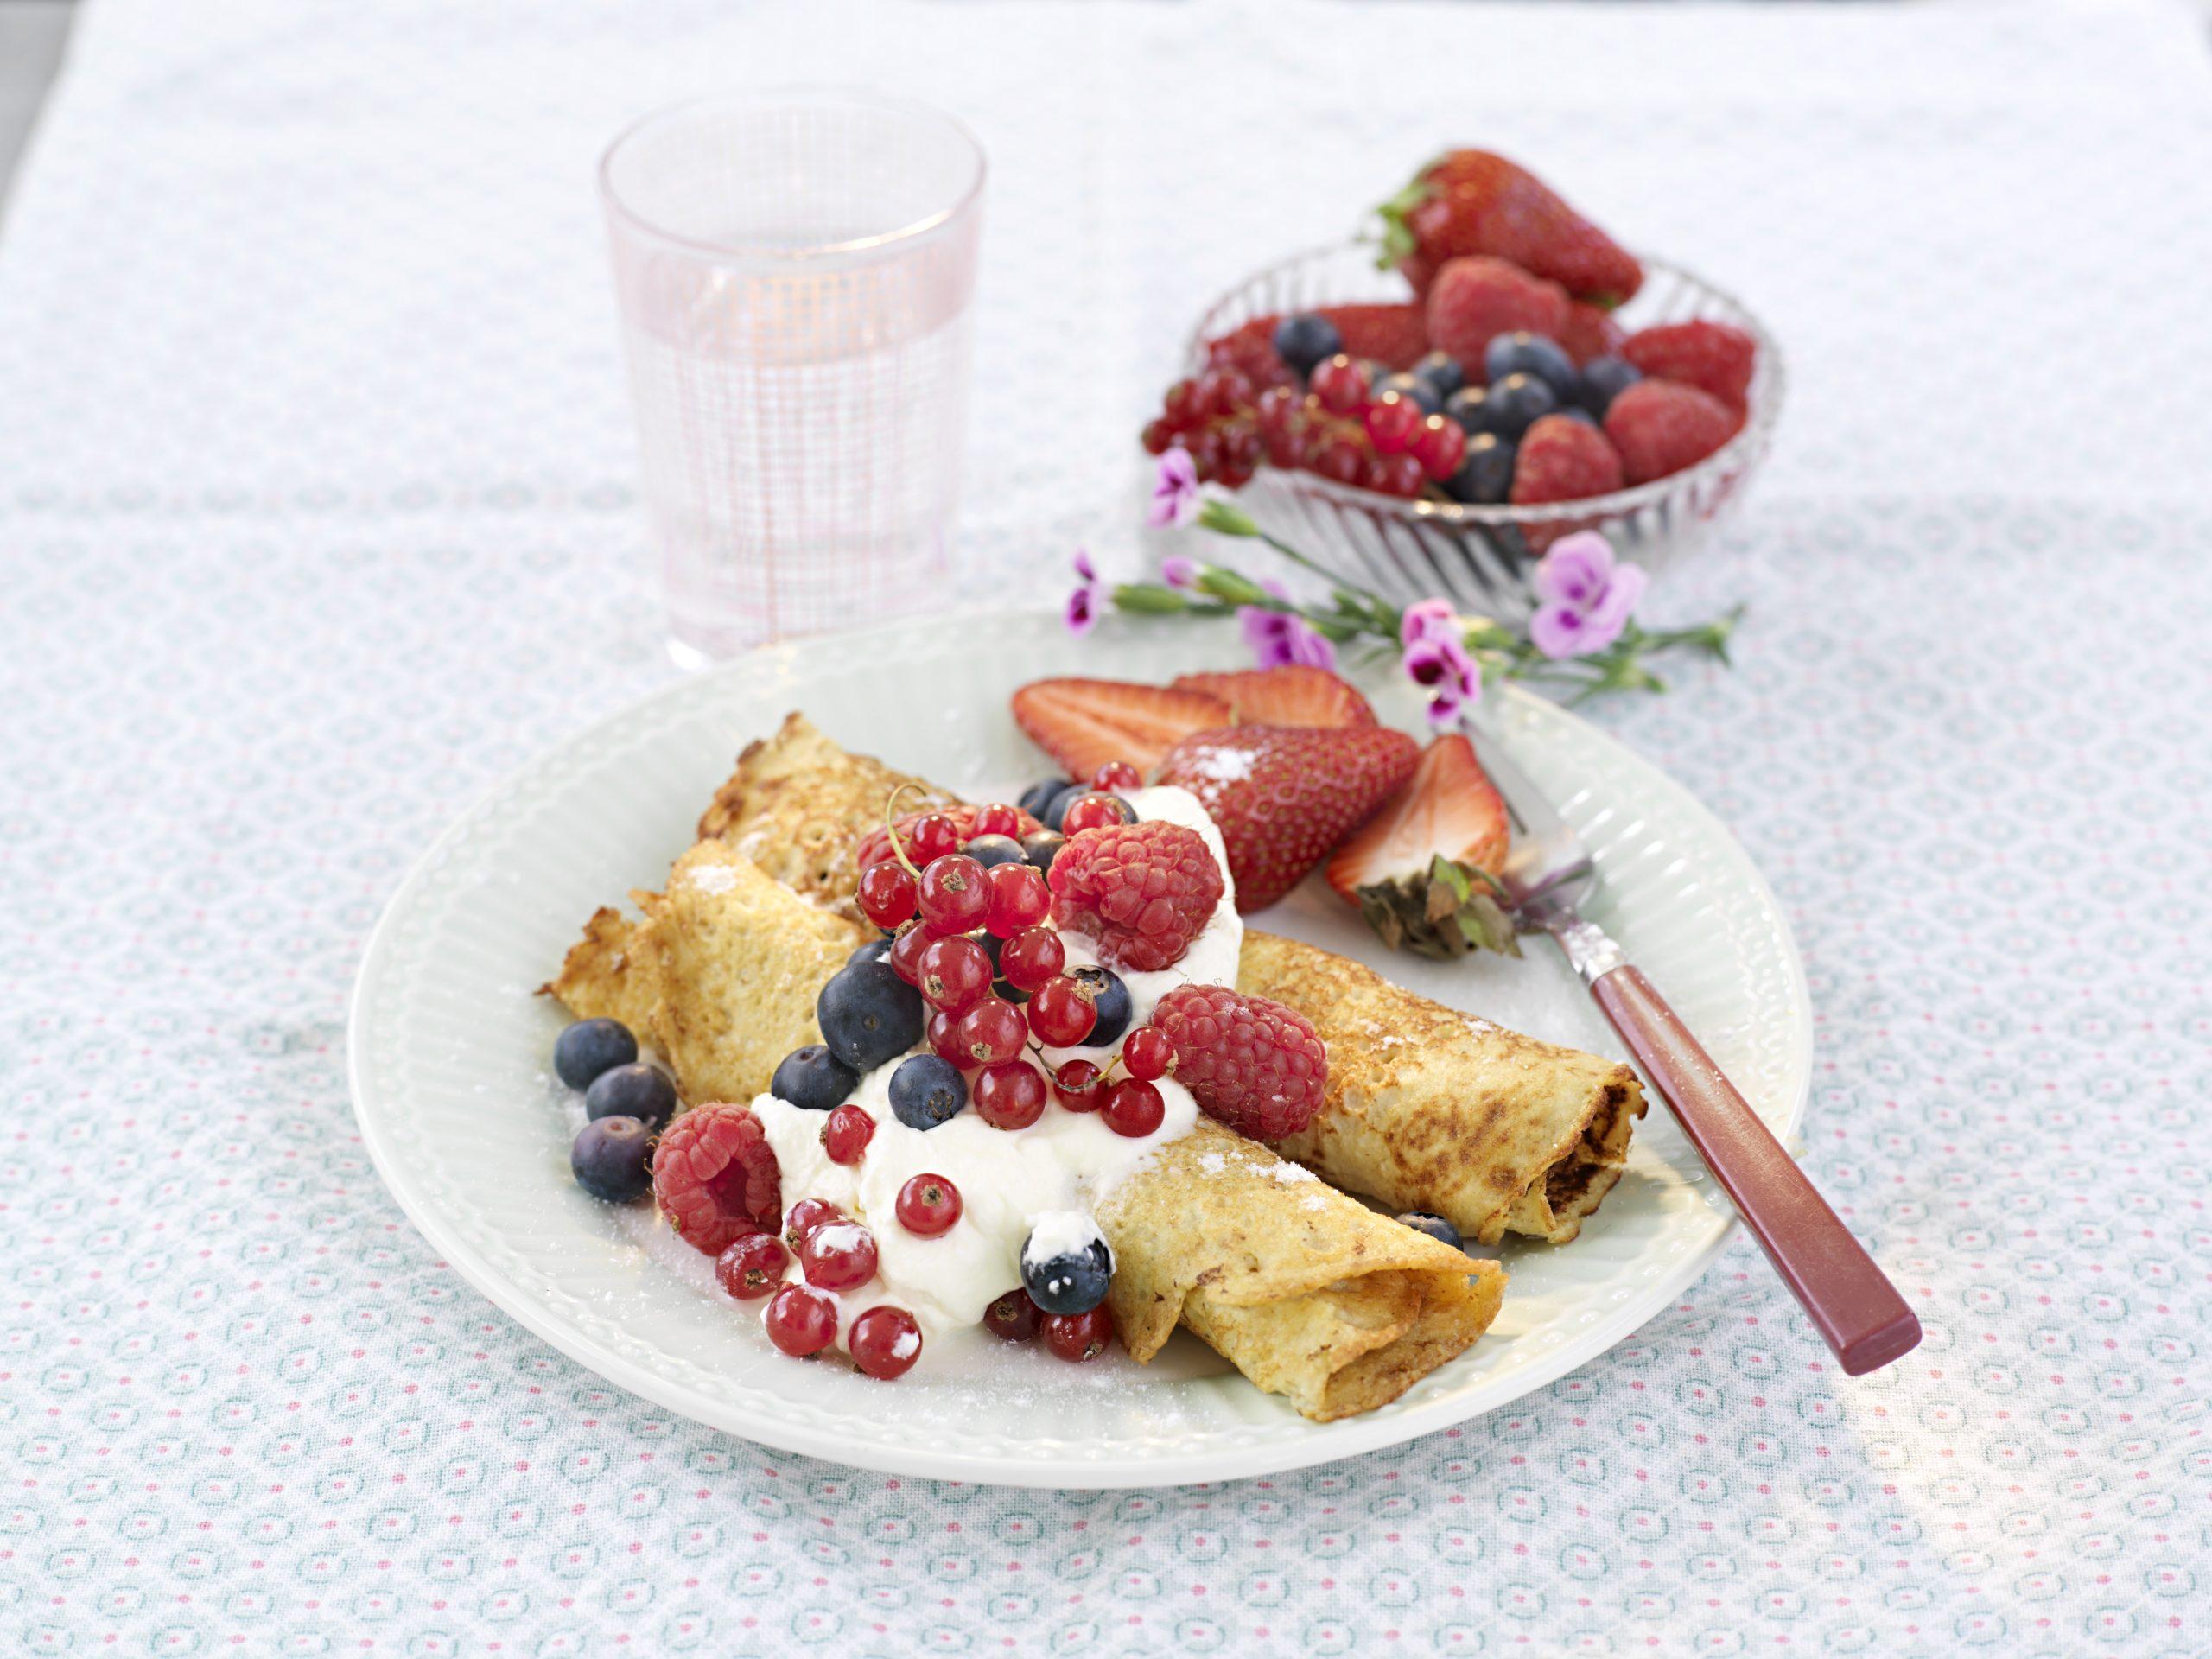 mat anpassad för Hälsosam familj